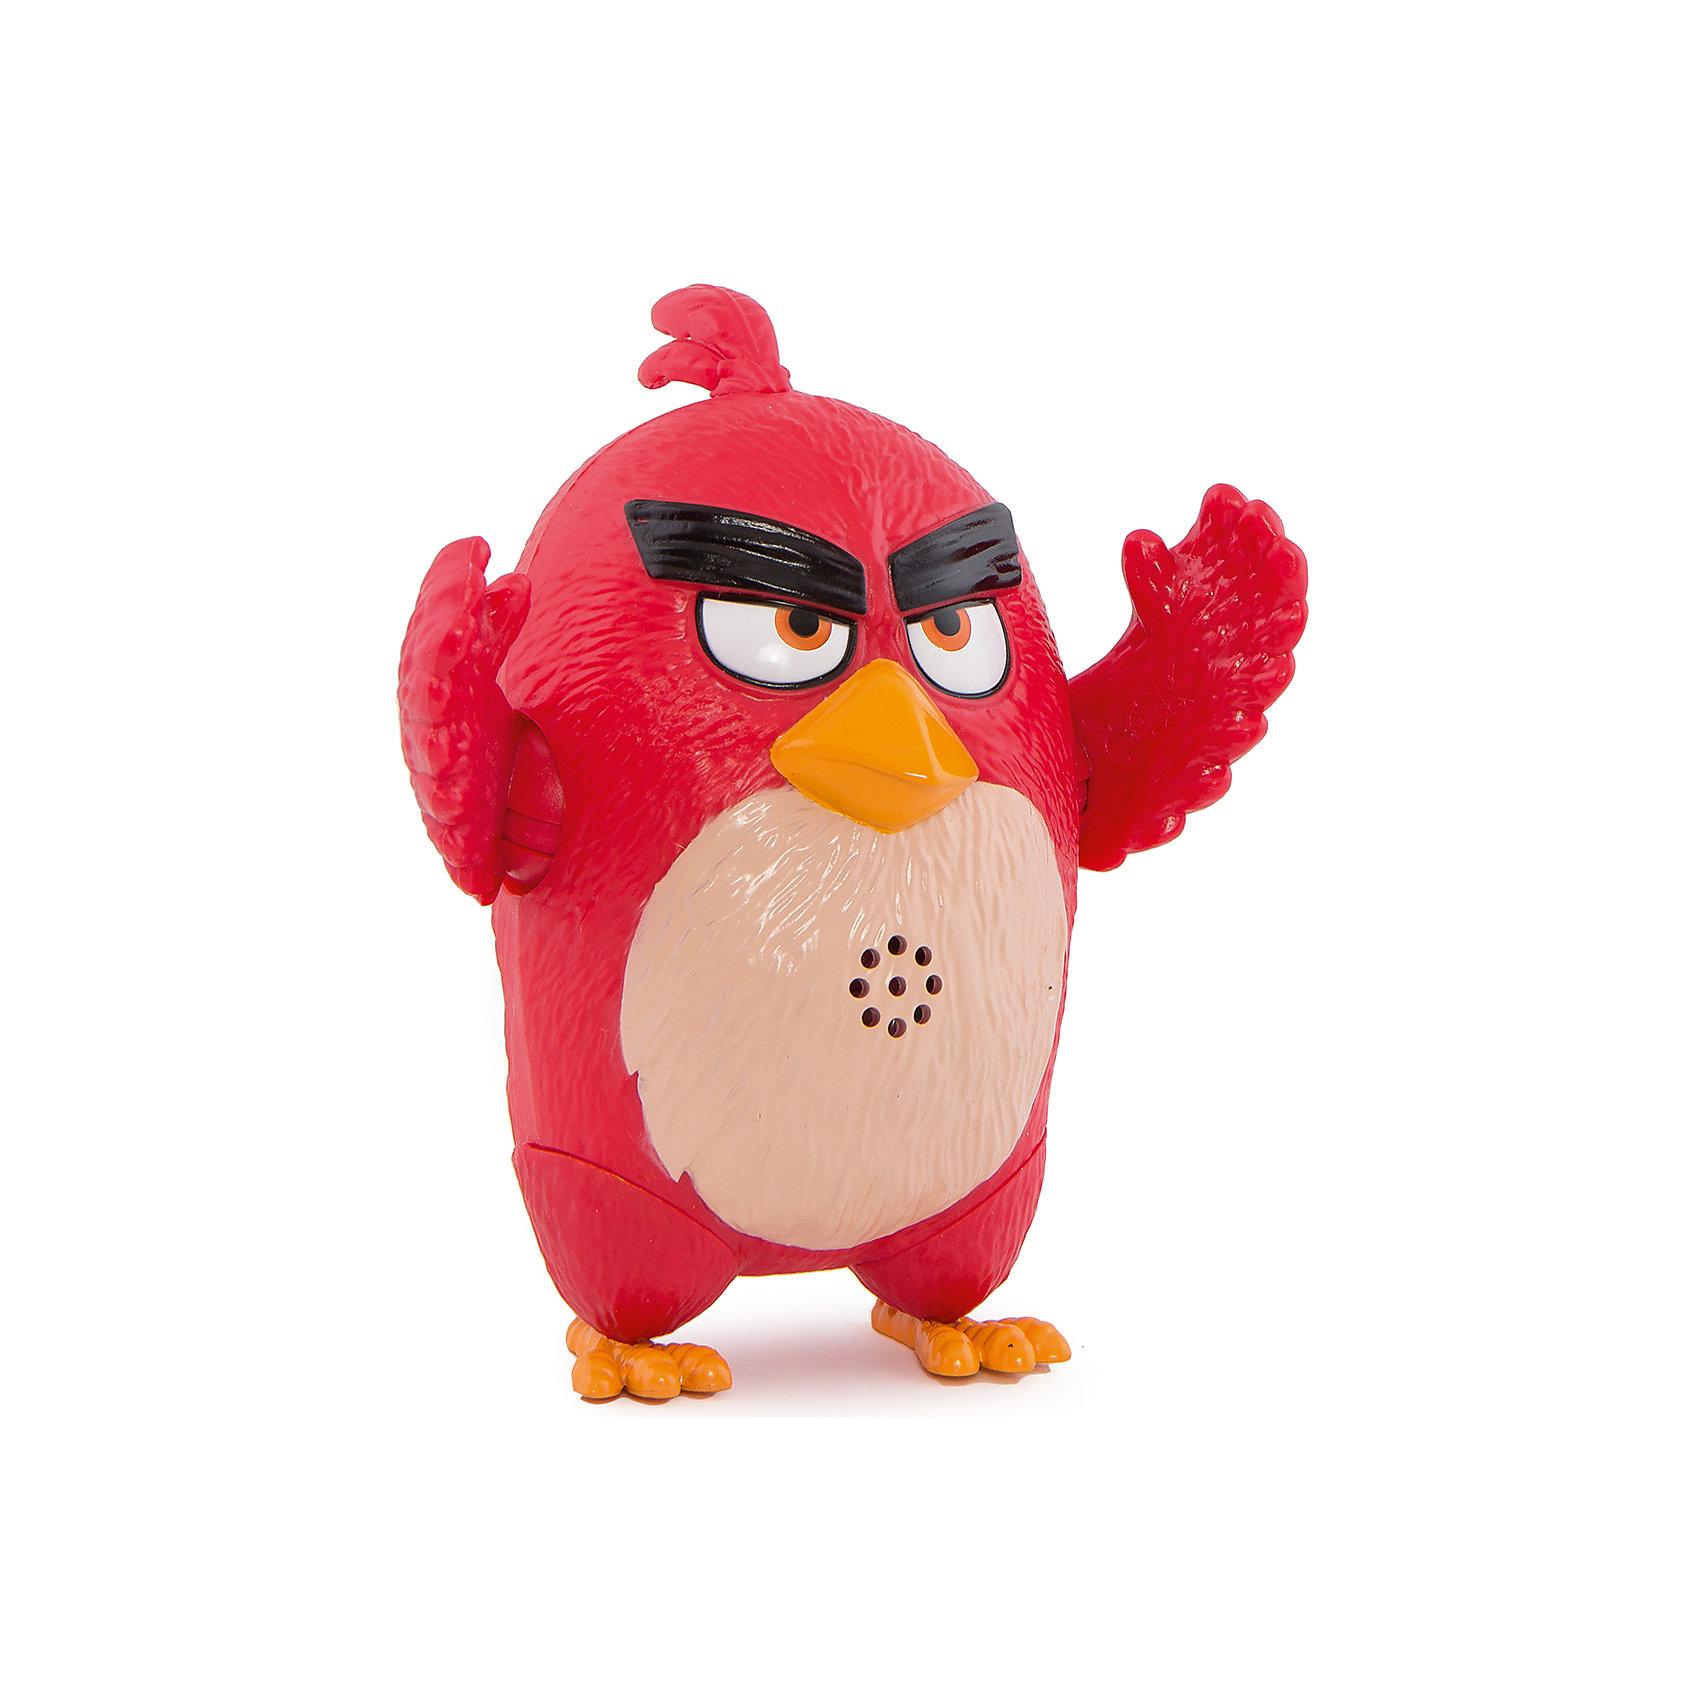 Интерактивная говорящая птица Ред, Angry BirdsЛюбимые герои<br>Замечательная игрушка, созданная специально для поклонников серии компьютерных игр Angry Birds – подвижная фигурка со звуковыми эффектами от компании Spin Master, выполненная в виде главных героев Энгри Бёрдз. Такой подарок, несомненно, оценят не только дети, но и взрослые люди, особенно сейчас, в преддверии выхода полнометражного анимационного фильма про сердитых птичек и их врагов назойливых поросят – «Angry Birds в кино» (The Angry Birds Movie, 2016).<br><br>Фигурки изготовлены из пластика, ярко окрашены, внешний вид игрушек в точности повторяет их прототипов из виртуального мира. Фигурки имеют подвижные конечности и произносят звуки и фразы из мультфильма (на английском языке).<br><br><br>Интерактивную говорящую птицу Ред, Angry Birds можно купить в нашем магазине.<br><br>Ширина мм: 170<br>Глубина мм: 210<br>Высота мм: 110<br>Вес г: 401<br>Возраст от месяцев: 36<br>Возраст до месяцев: 192<br>Пол: Унисекс<br>Возраст: Детский<br>SKU: 4719969